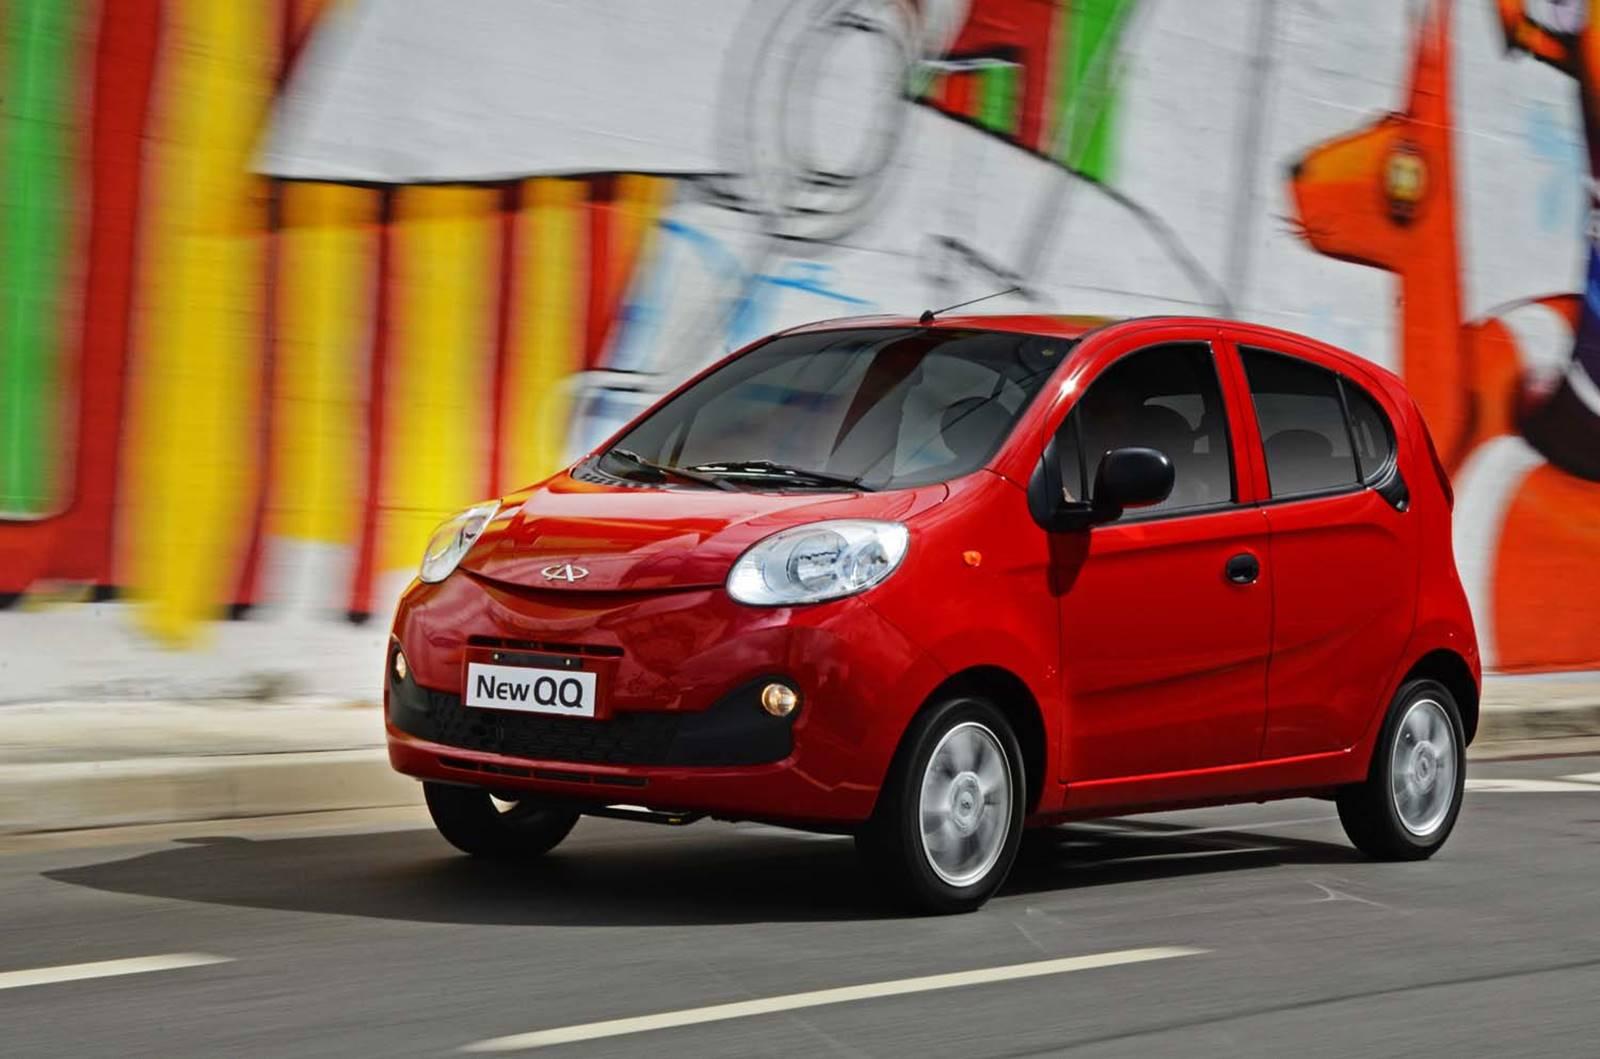 Fiat Mobi x Chery New QQ: preço, consumo e desempenho | CAR.BLOG.BR